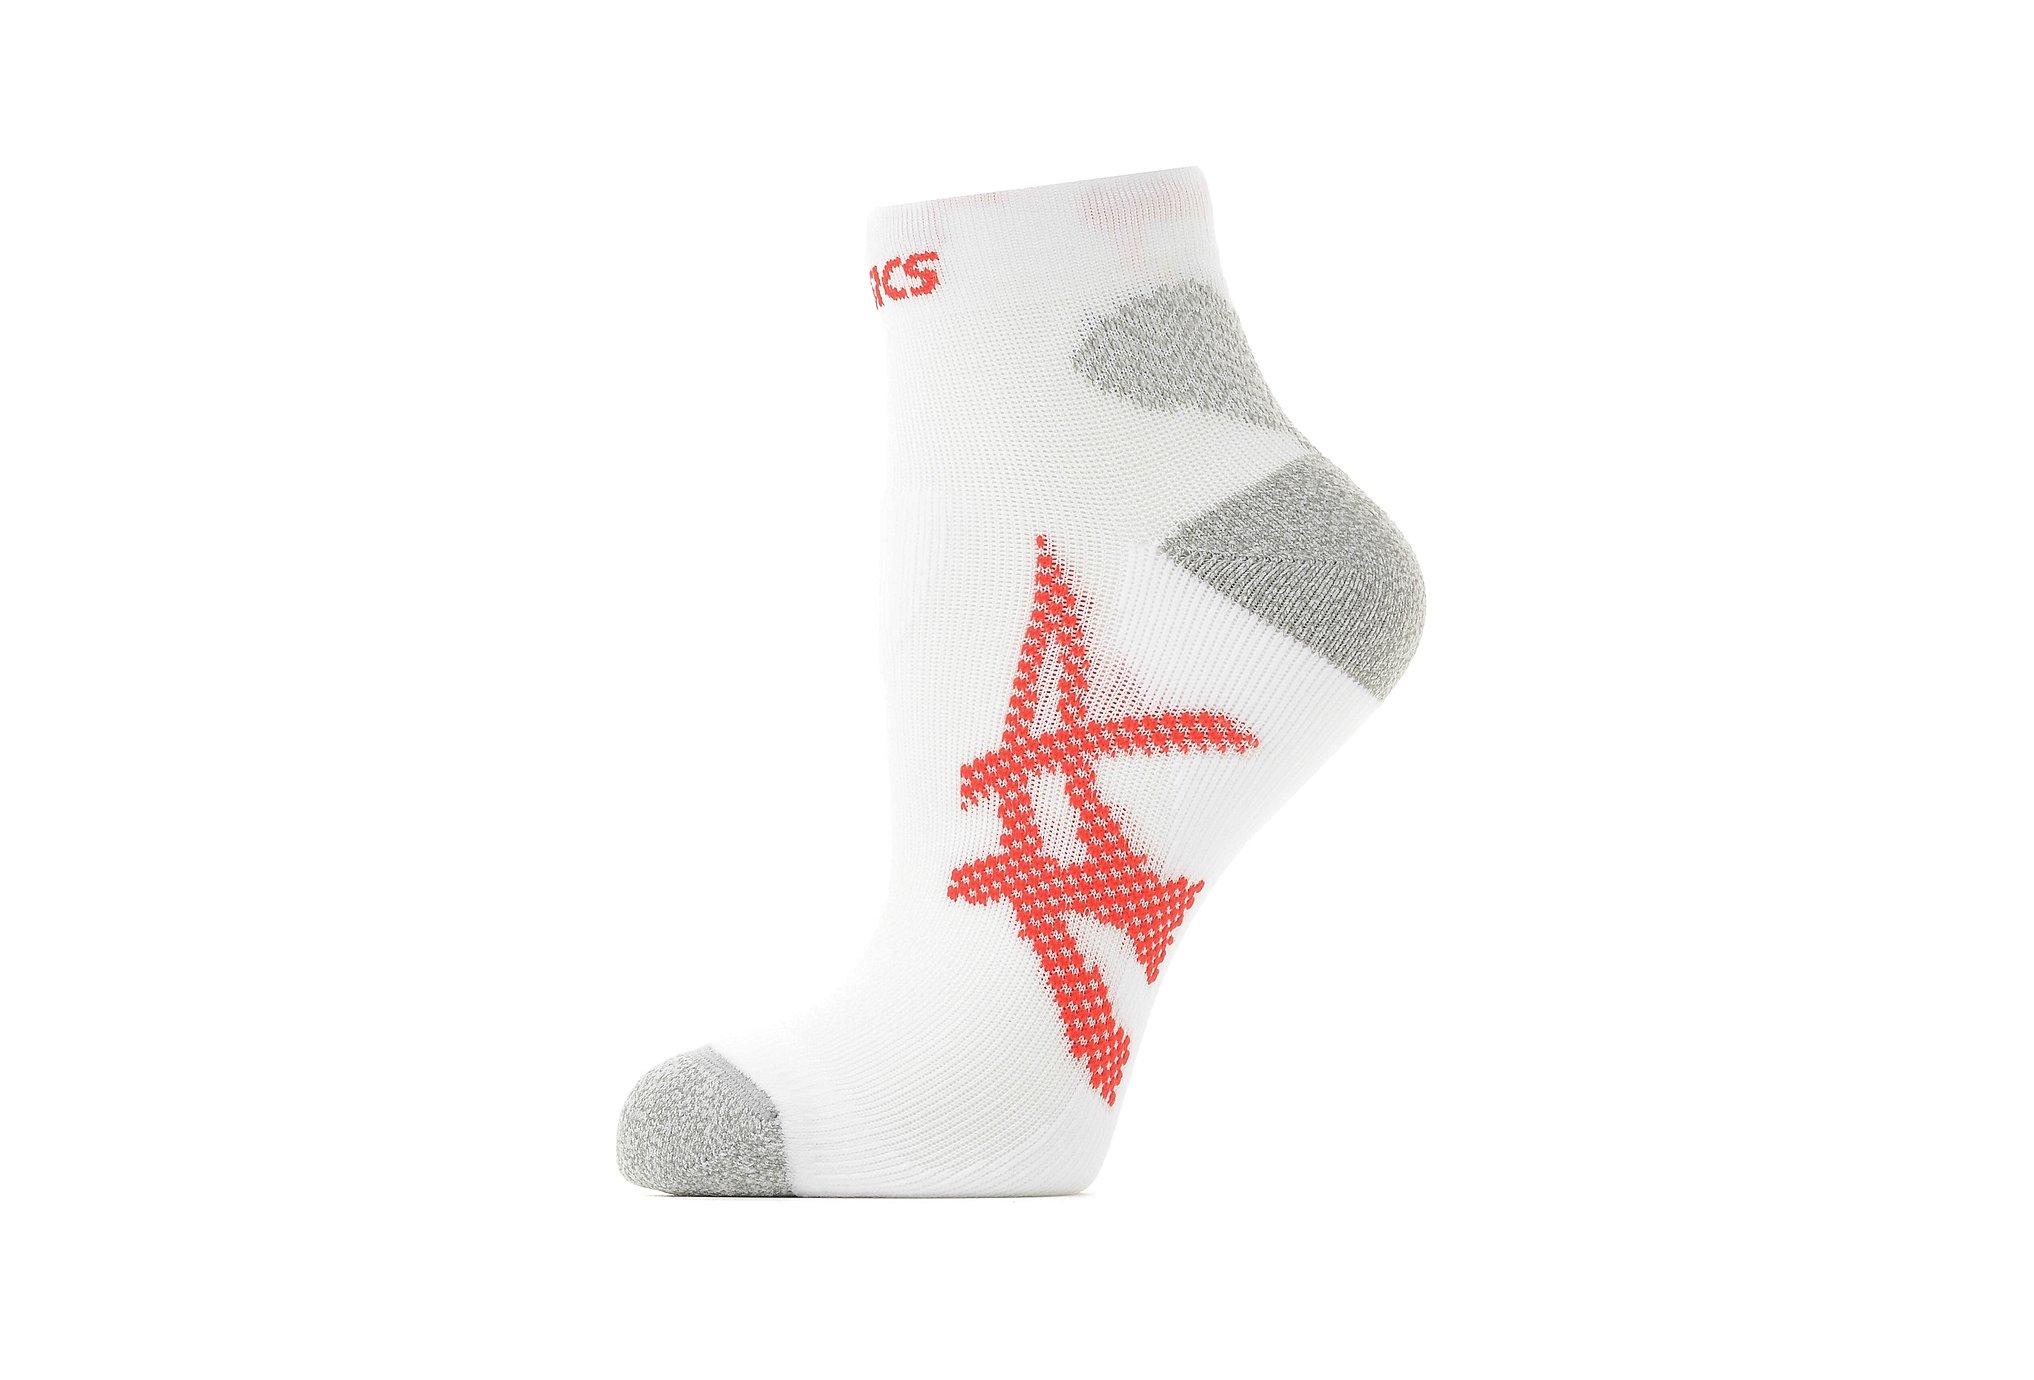 Asics Chaussette Kayano Sock Diététique Accessoires